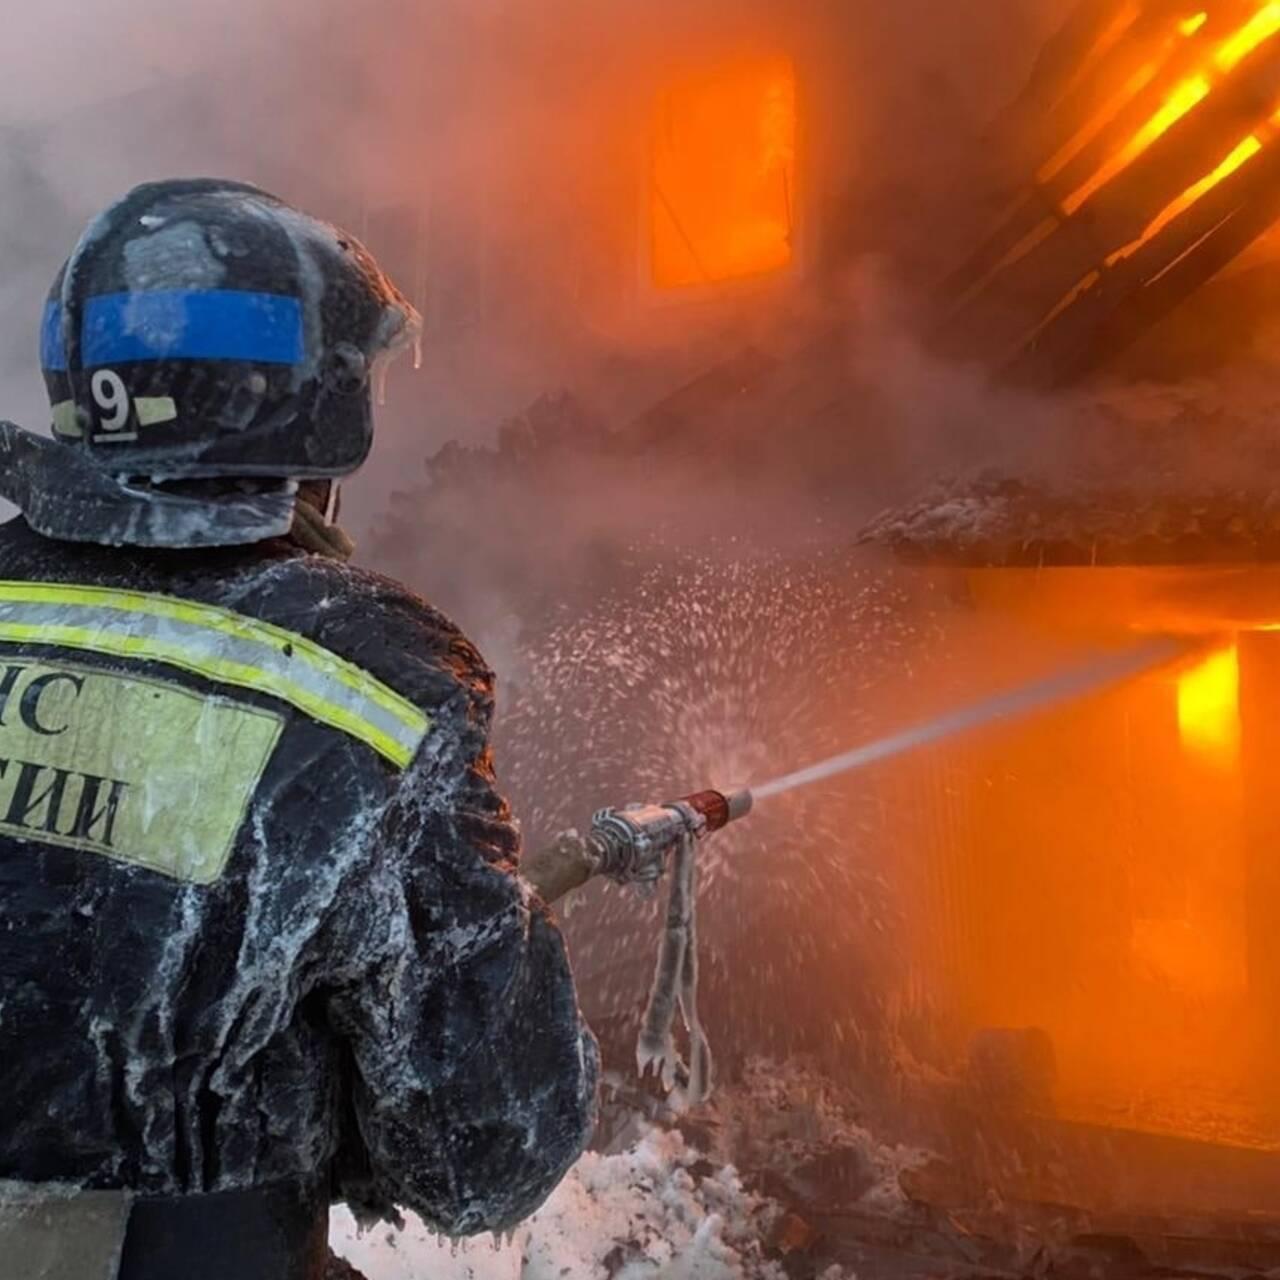 В Москве из-за взрывов газовых баллонов начался сильный пожар: Москва:  Россия: Lenta.ru